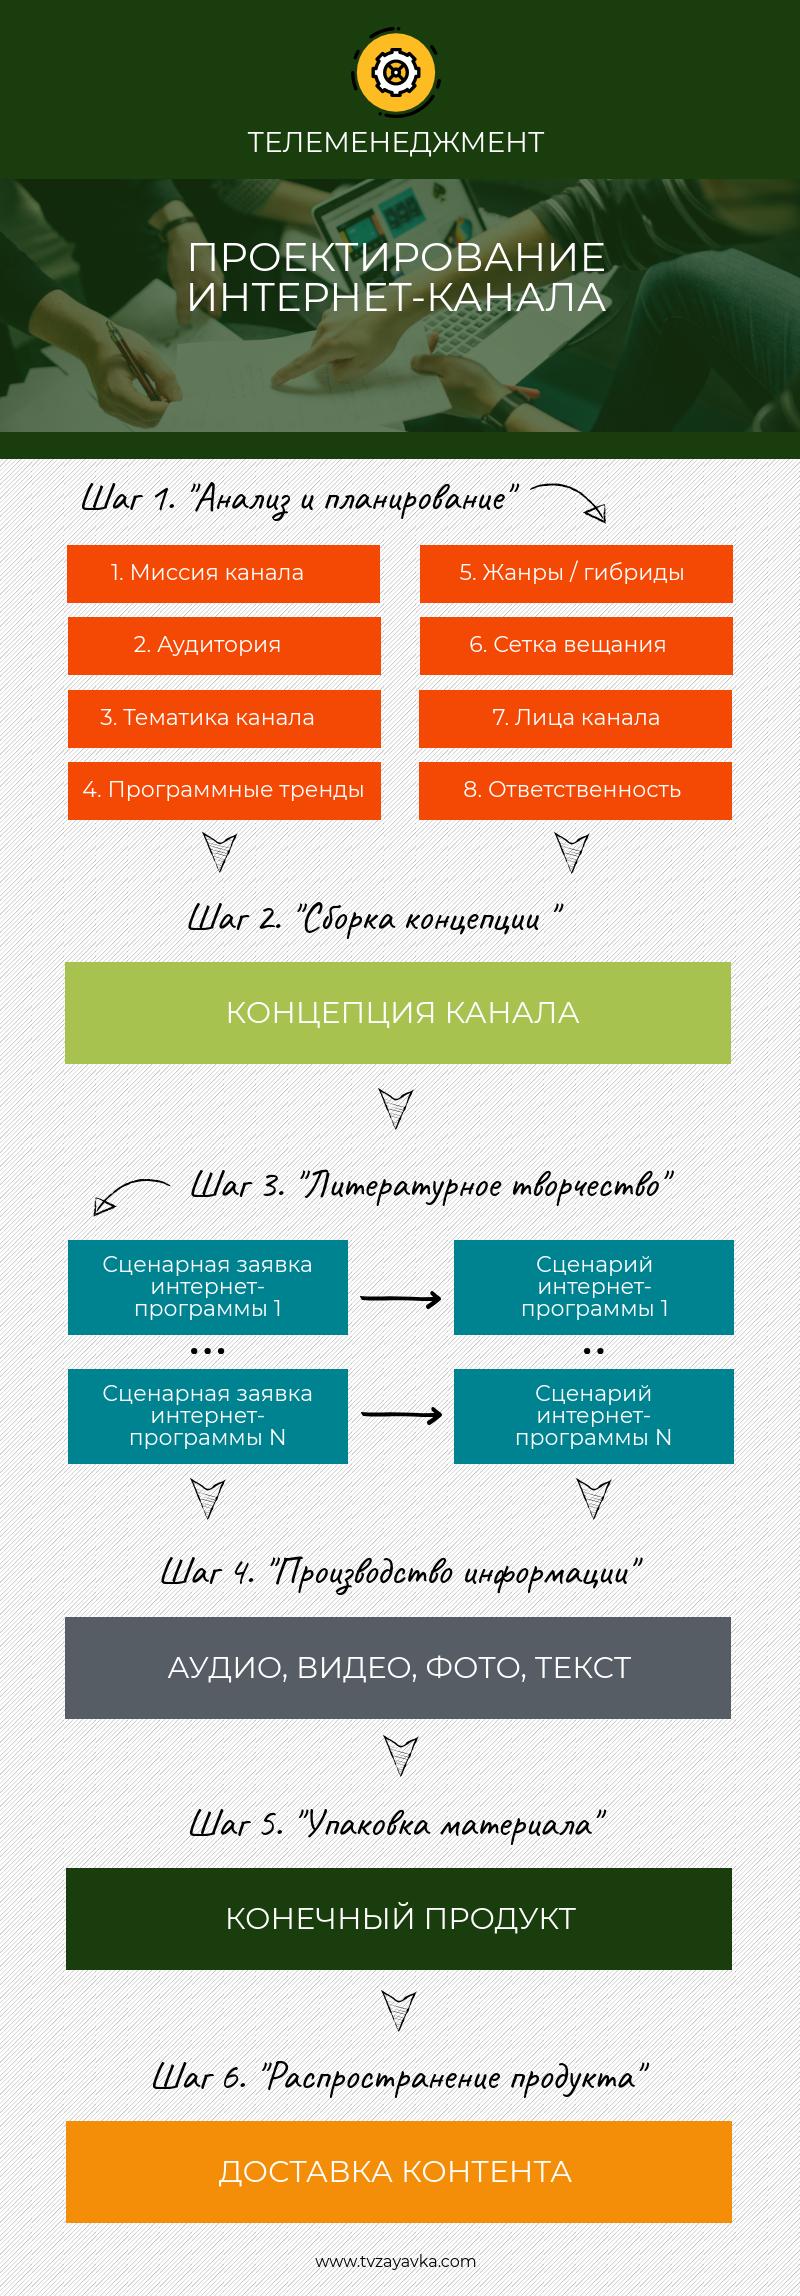 Проектирование интернет-канала